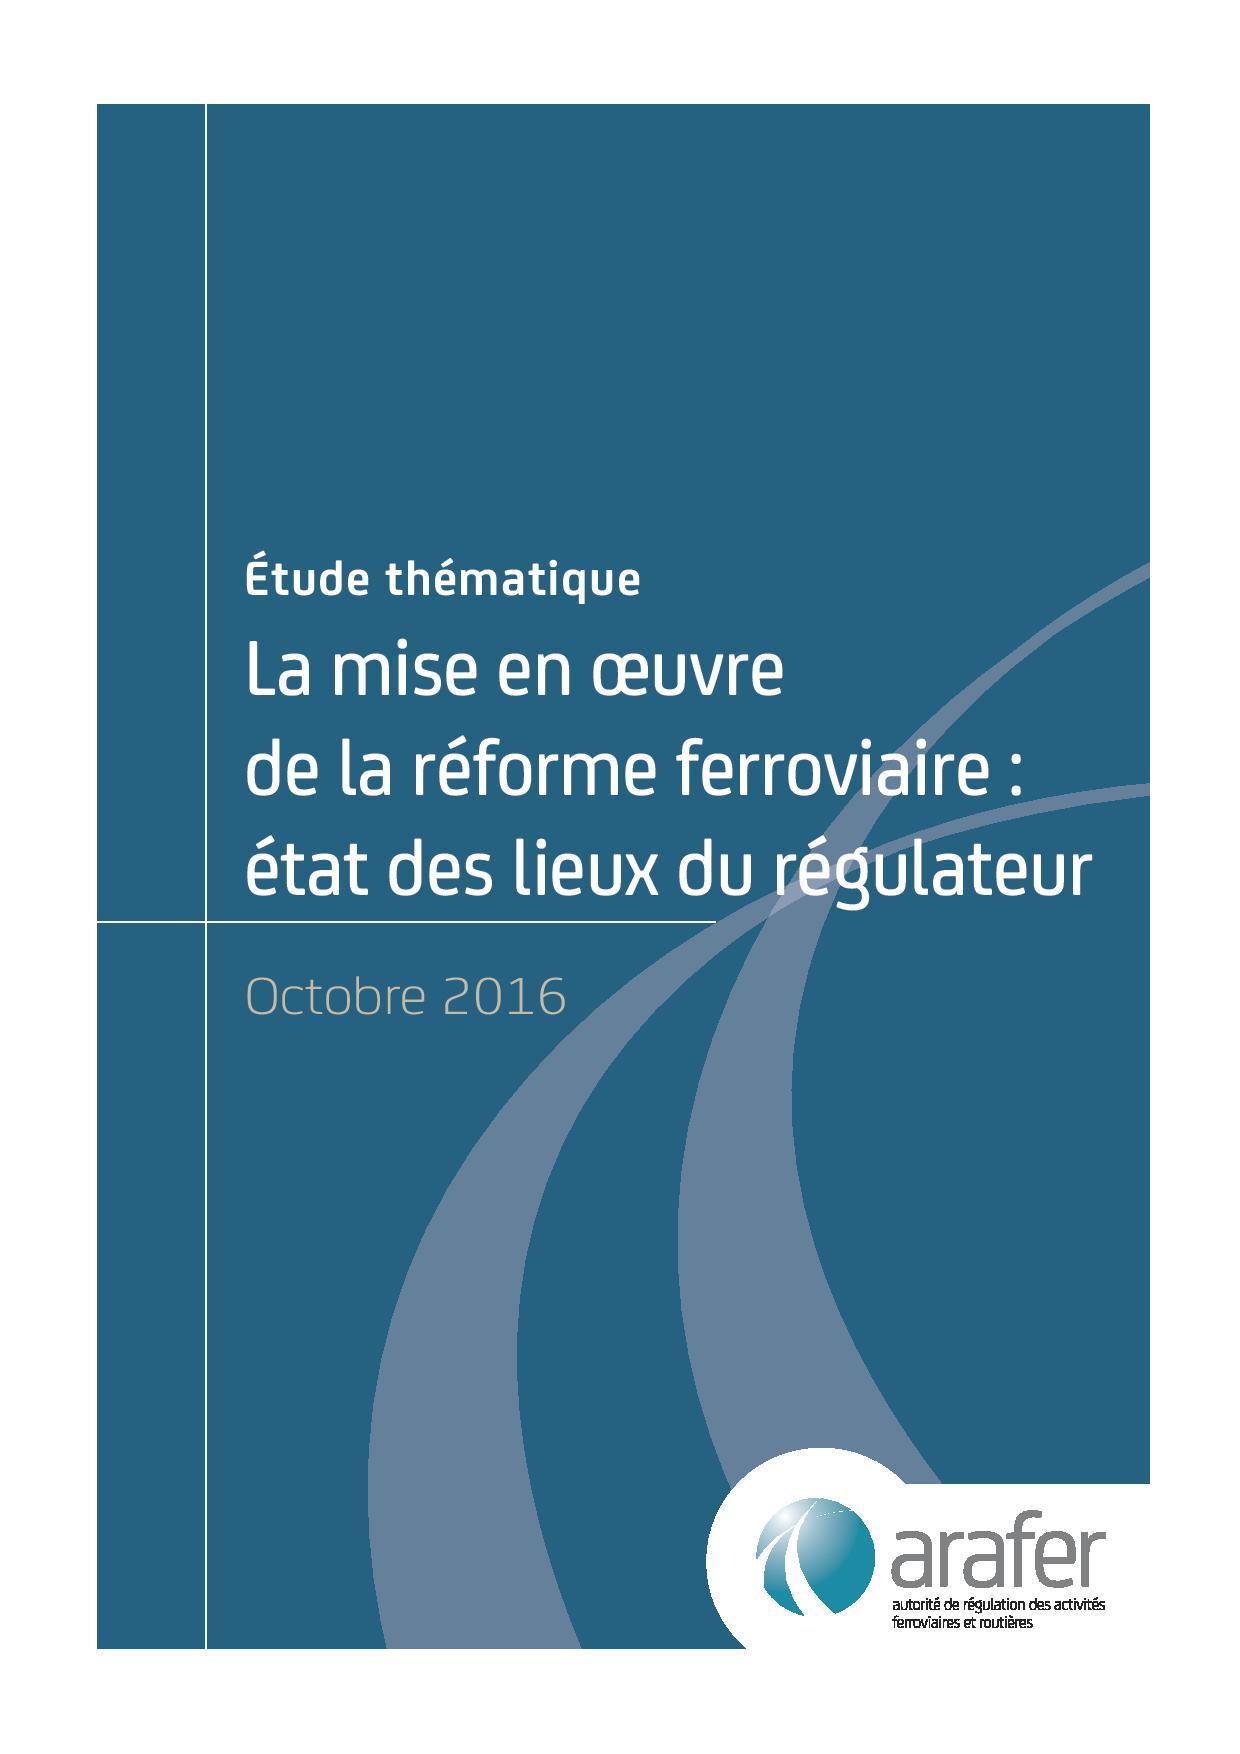 arafer-etude-bilan-reforme-ferroviaire-oct2016-page-001